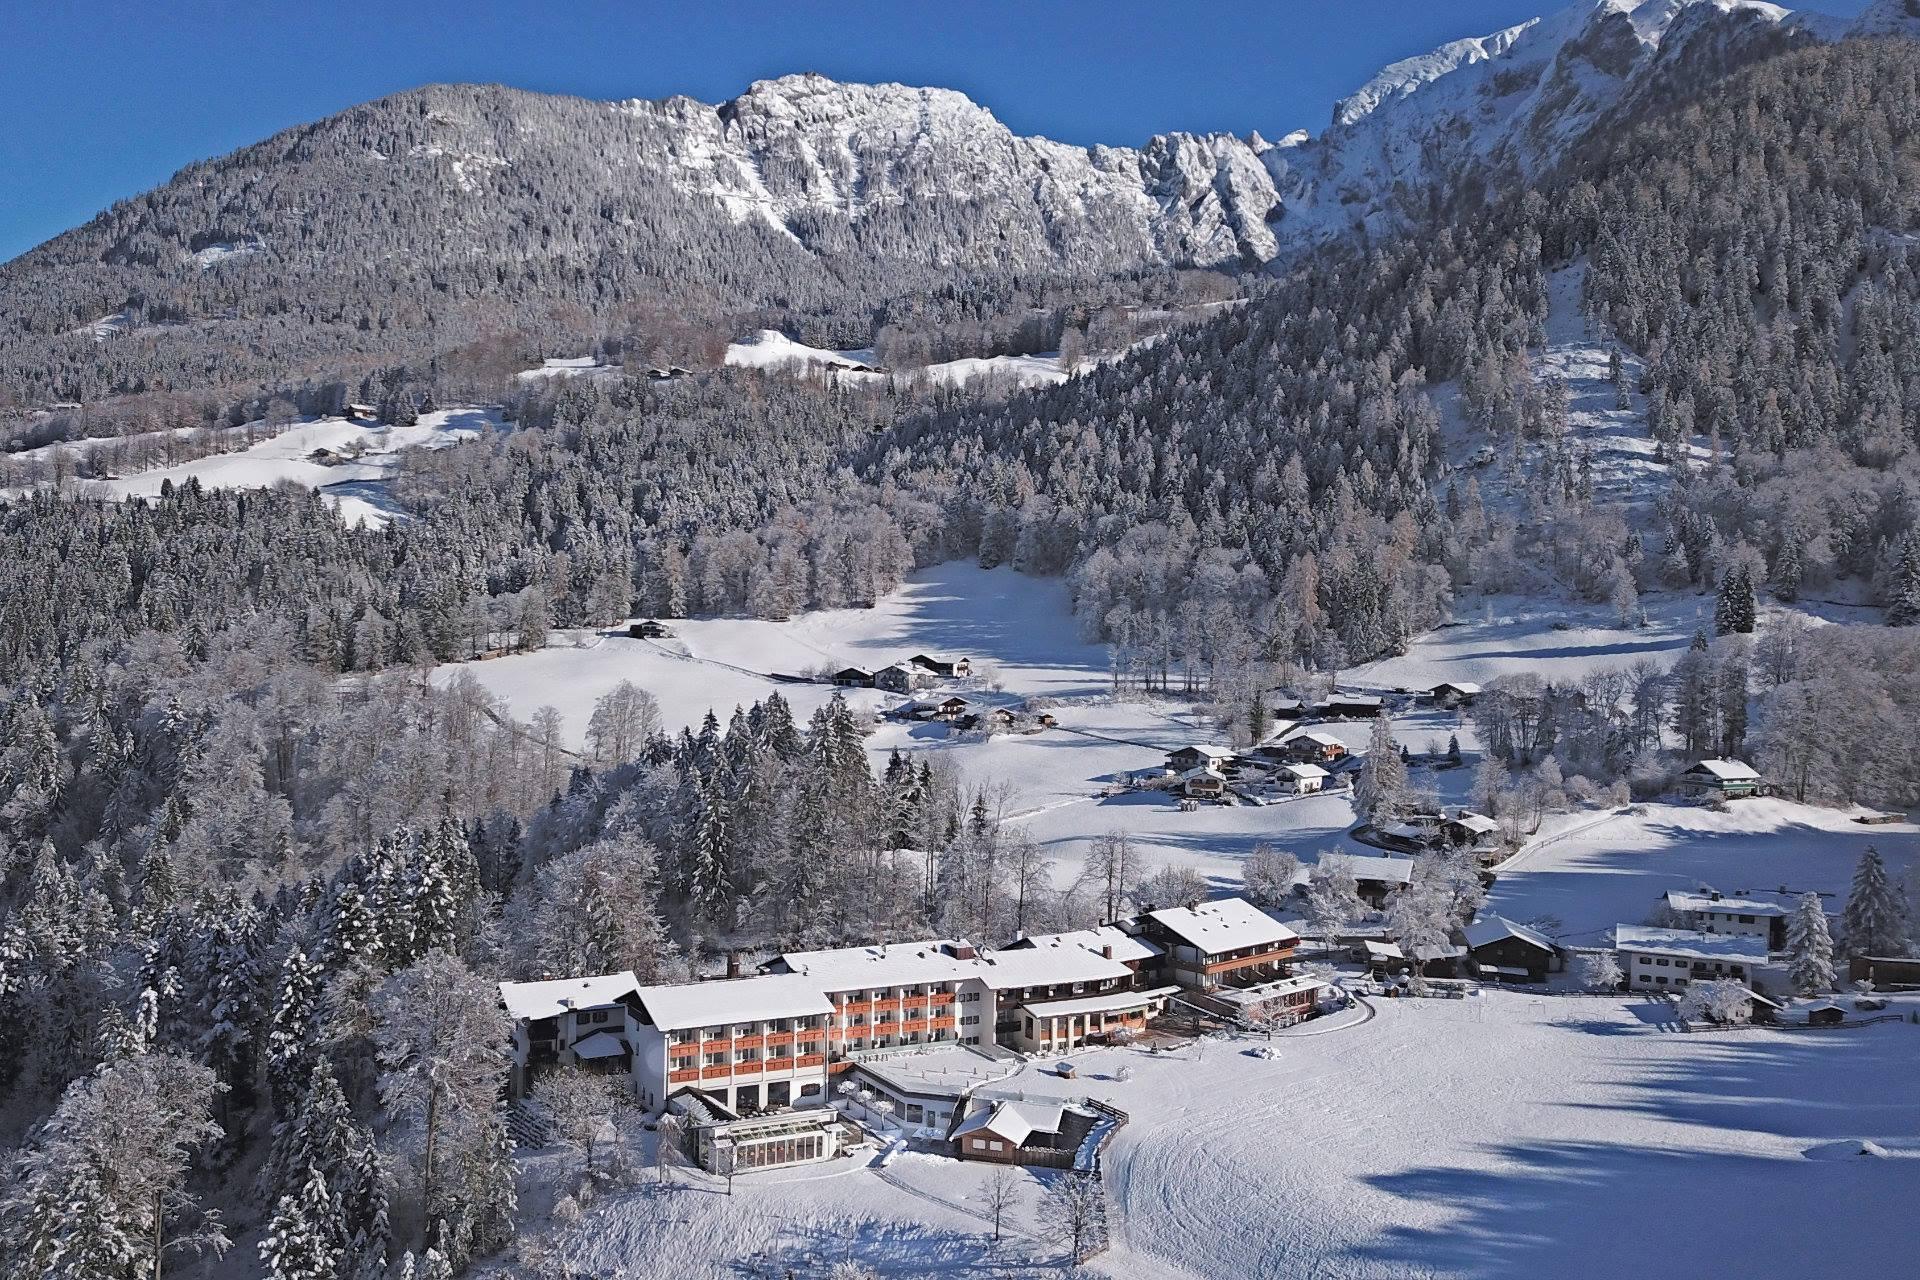 himmelsruh berchtesgadener land